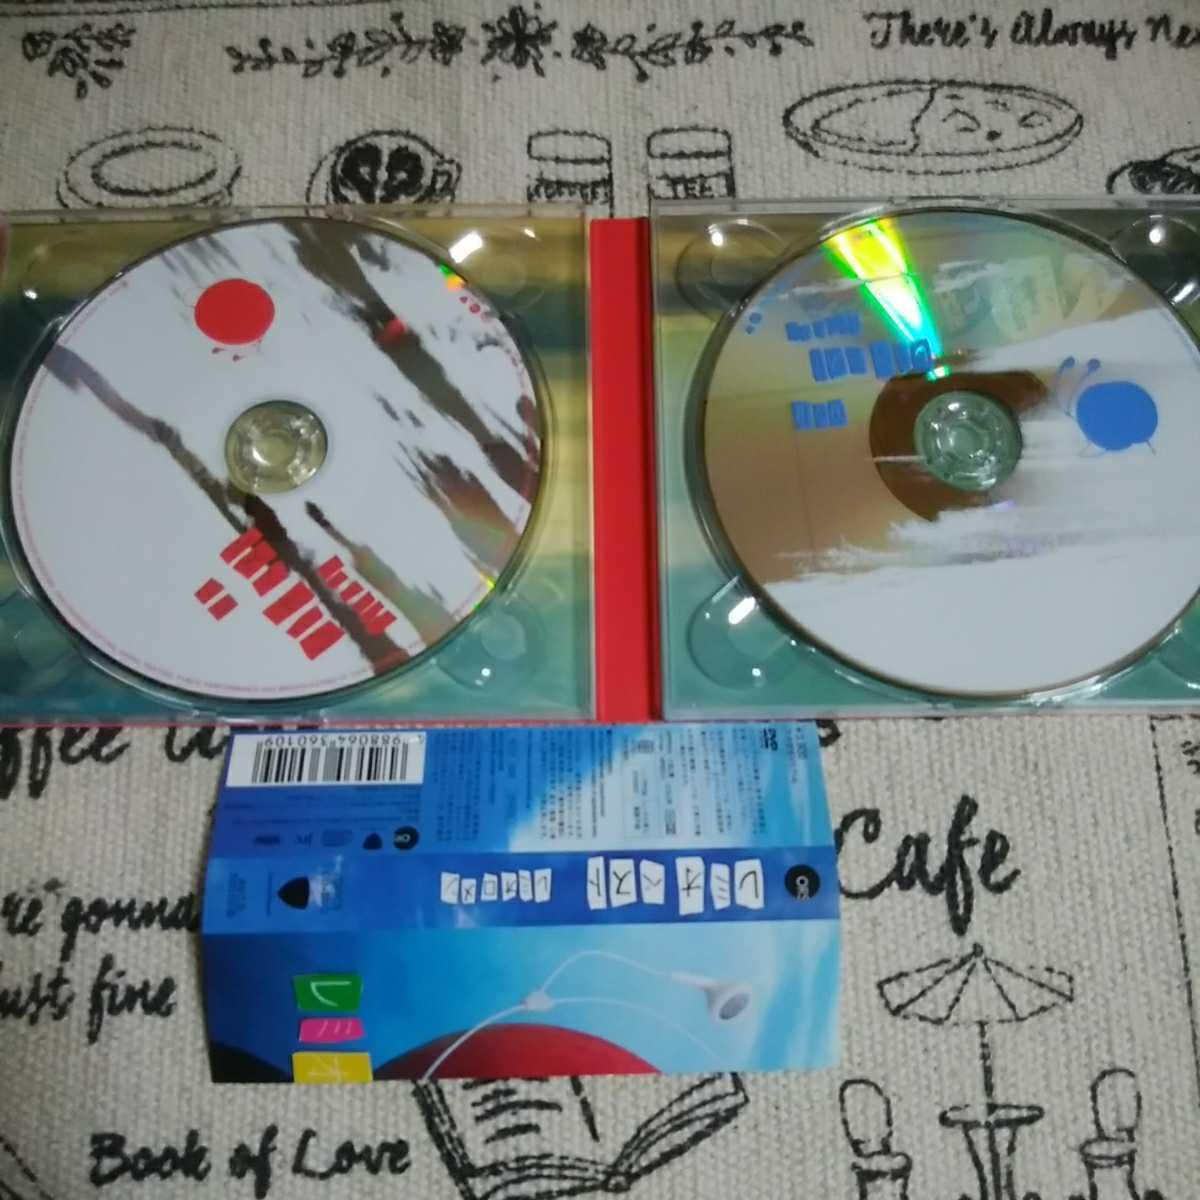 レミオロメン レミオベスト 初回限定盤 CD+DVD BEST アルバム 即決価格 盤面良好 CD15曲収録 DVD21曲収録 粉雪 3月9日 帯付き_画像2